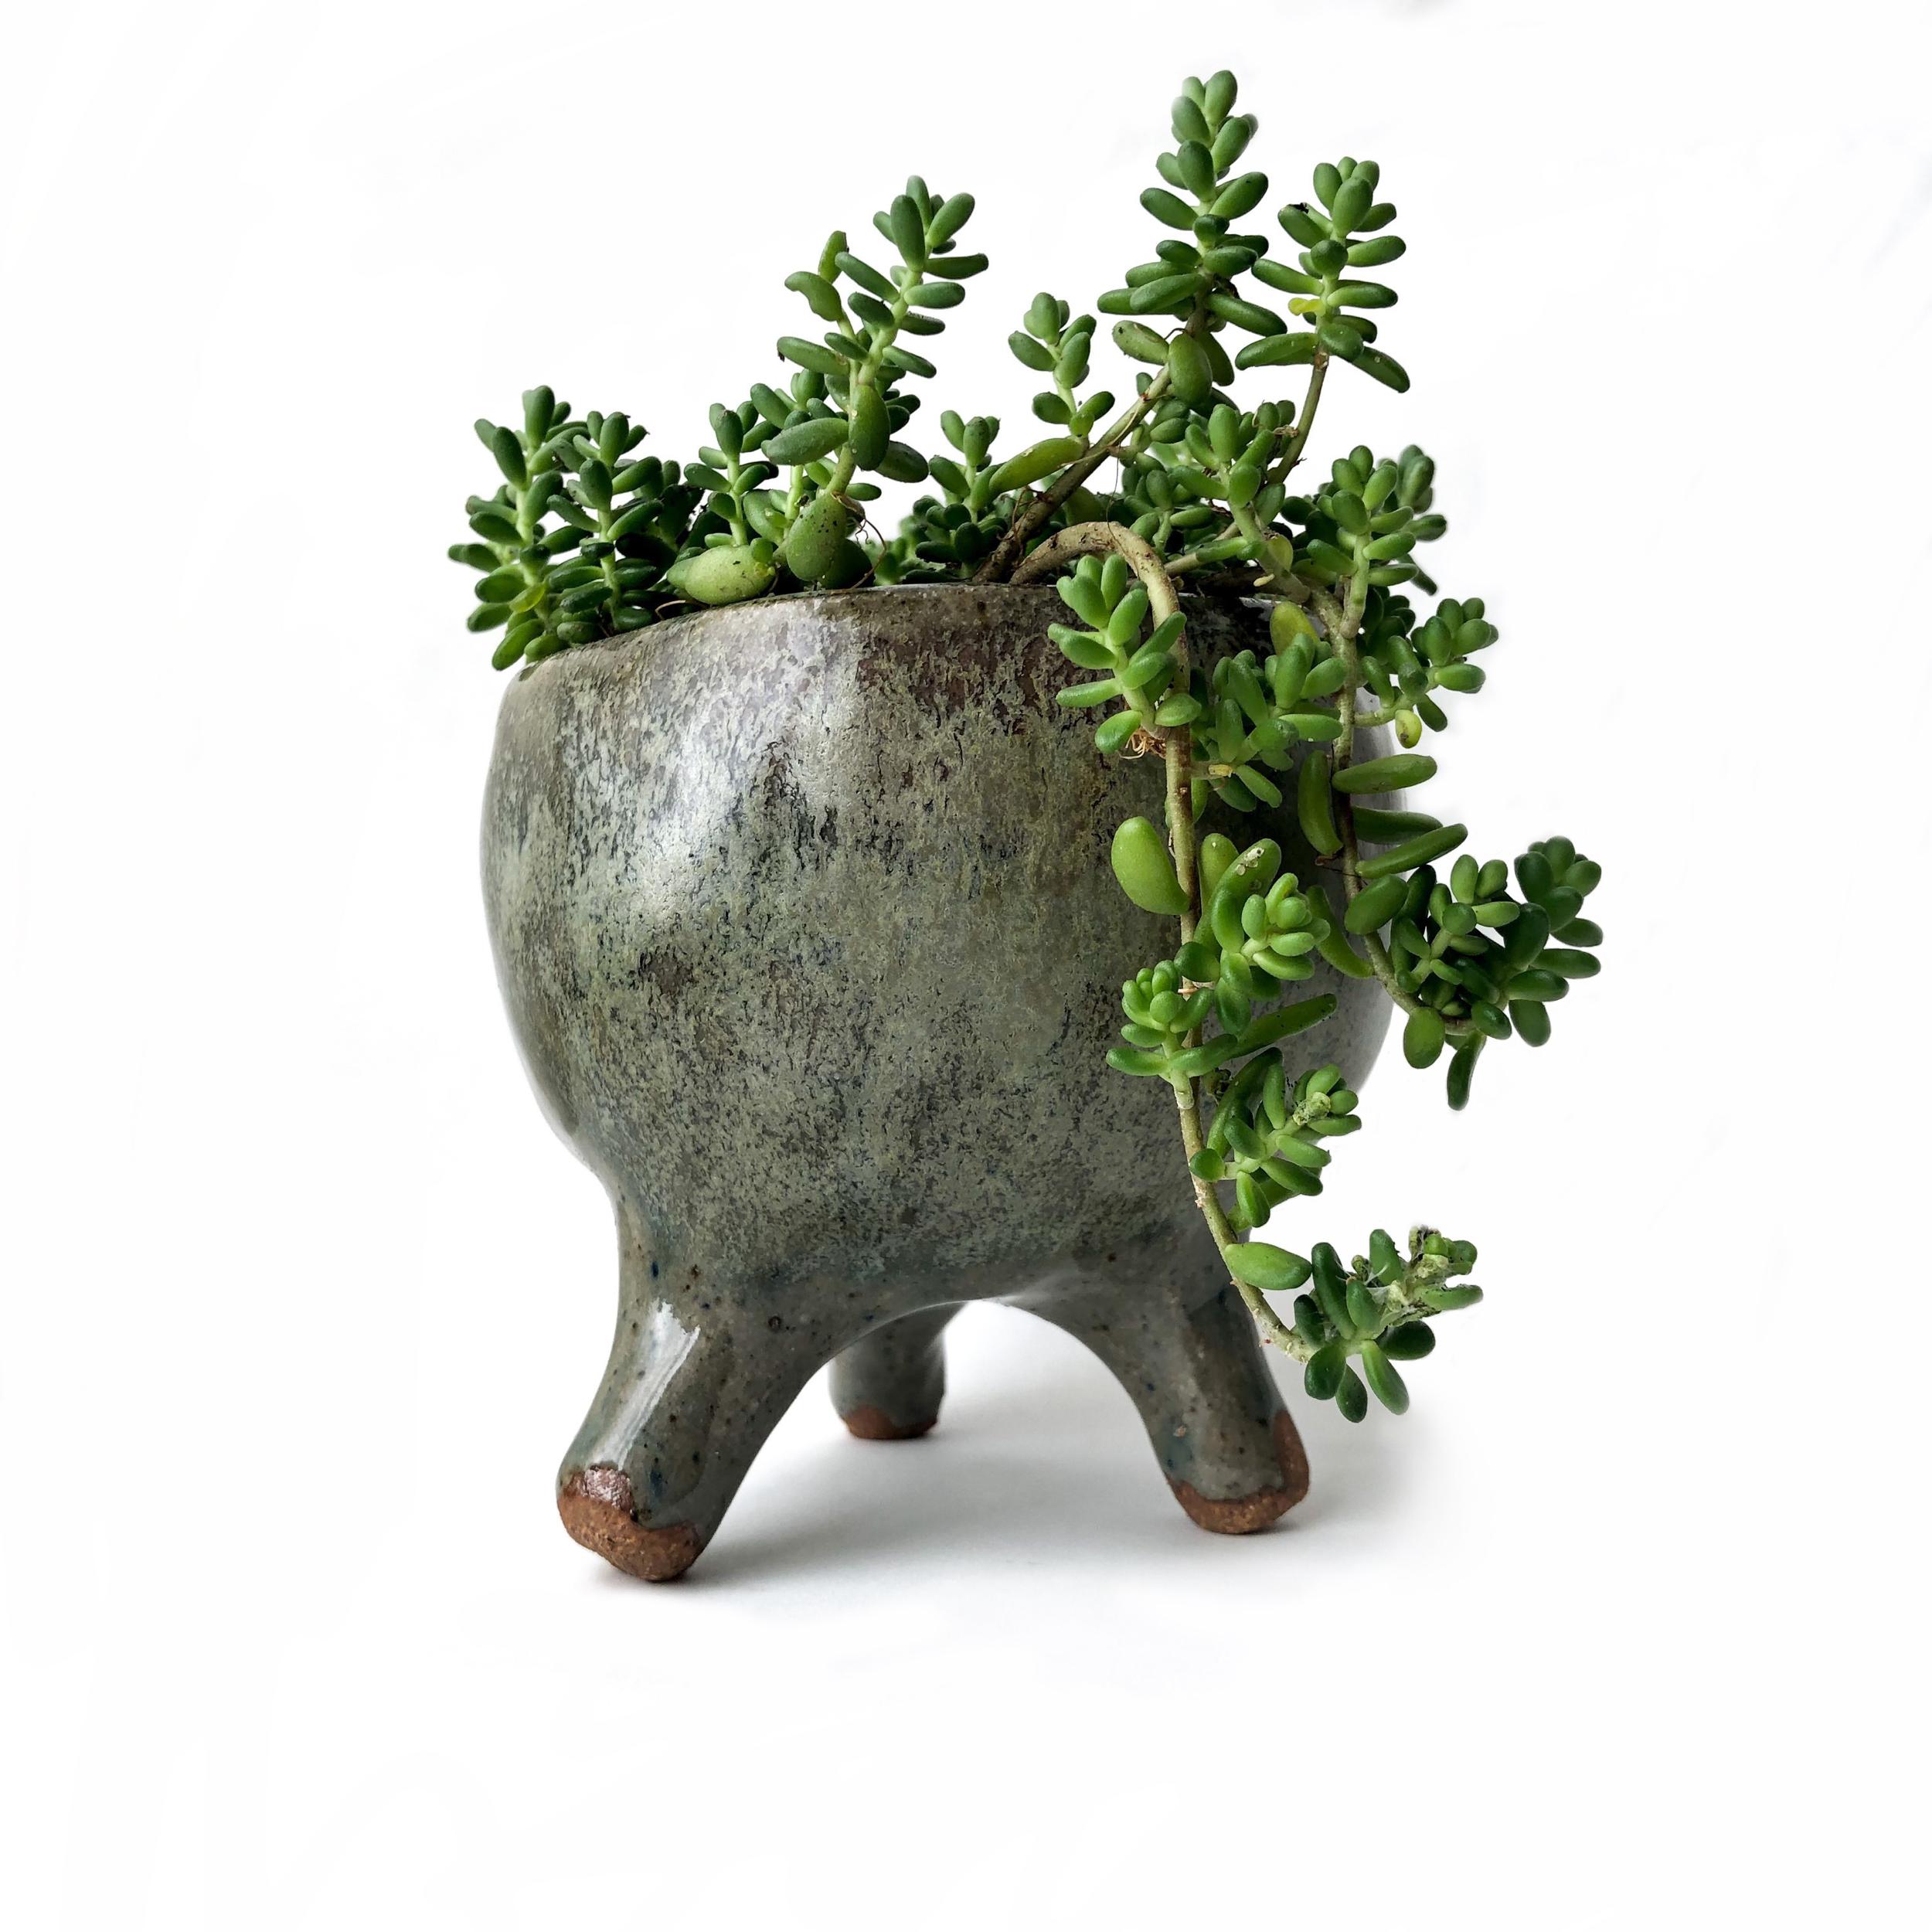 jordan_kushins_ceramic_tri_planter.png